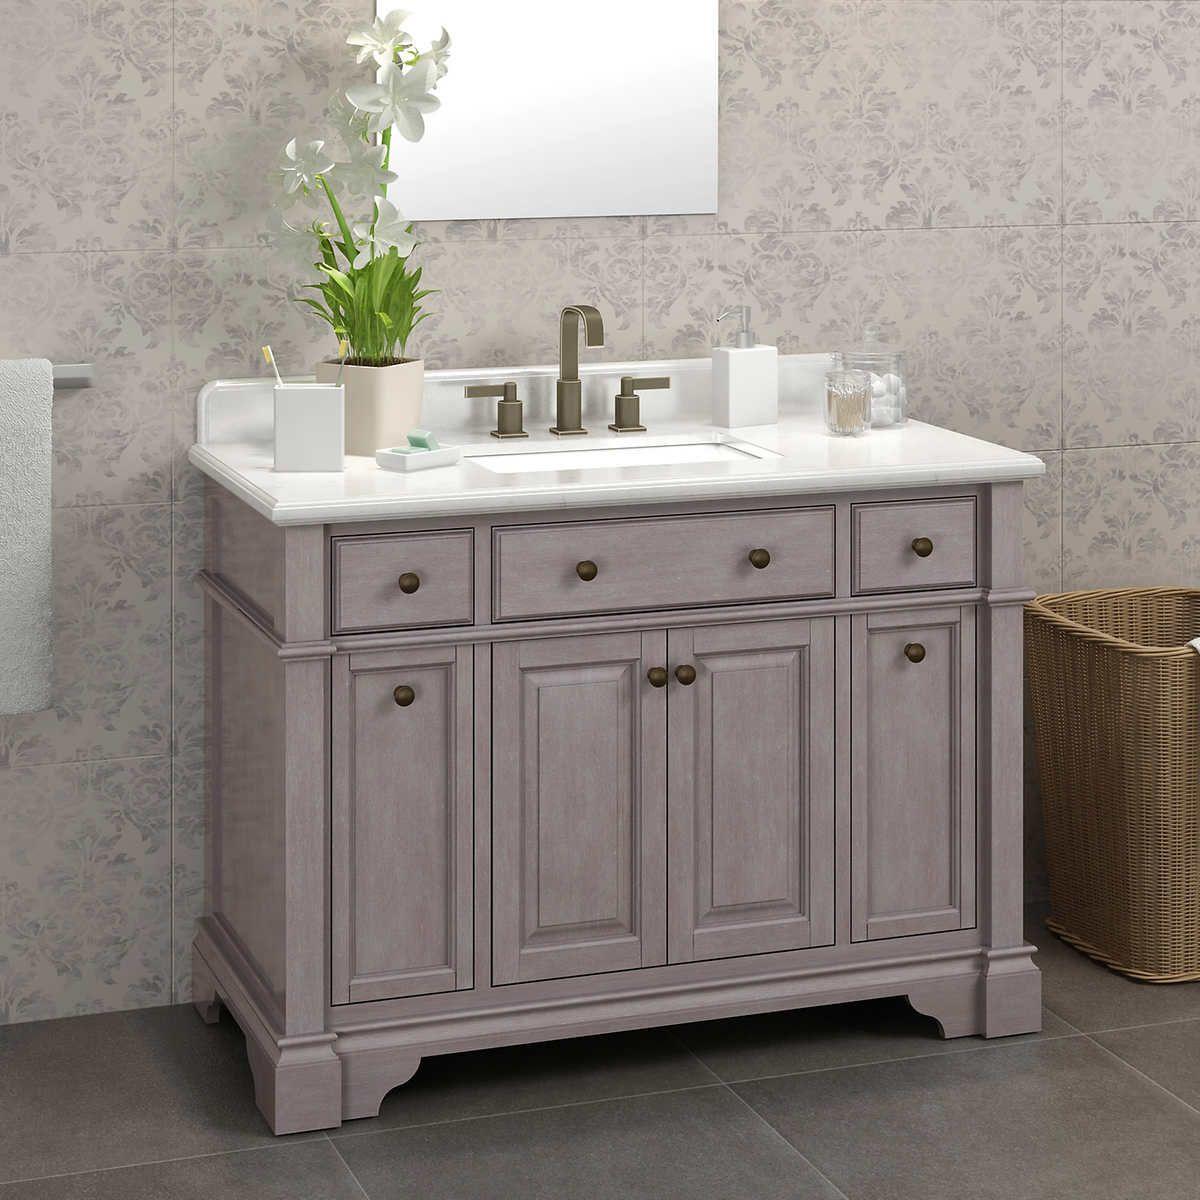 Casanova 48 Antique Gray Vanity By Lanza Double Sink Vanity Bathroom Vanity Vanity Sink